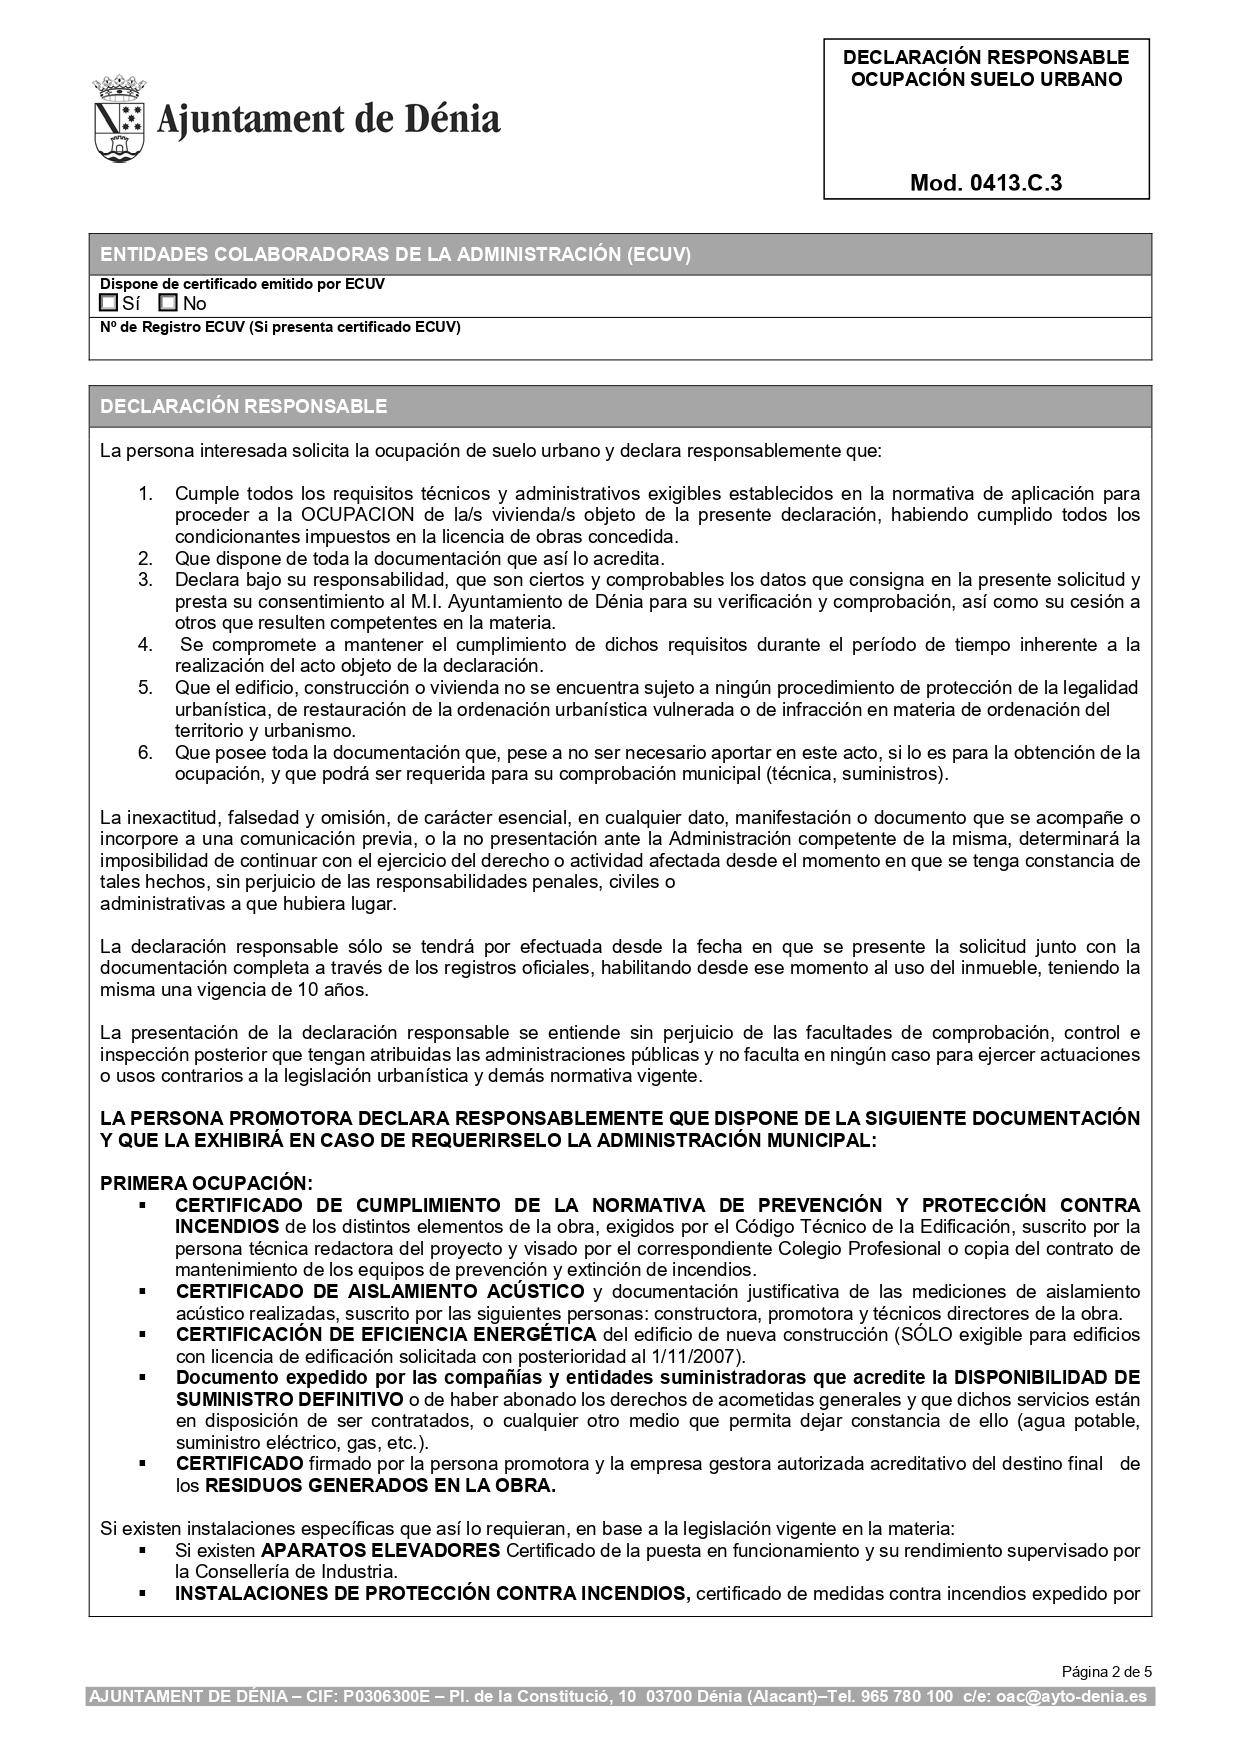 Declaración Responsable Segunda Ocupación Denia